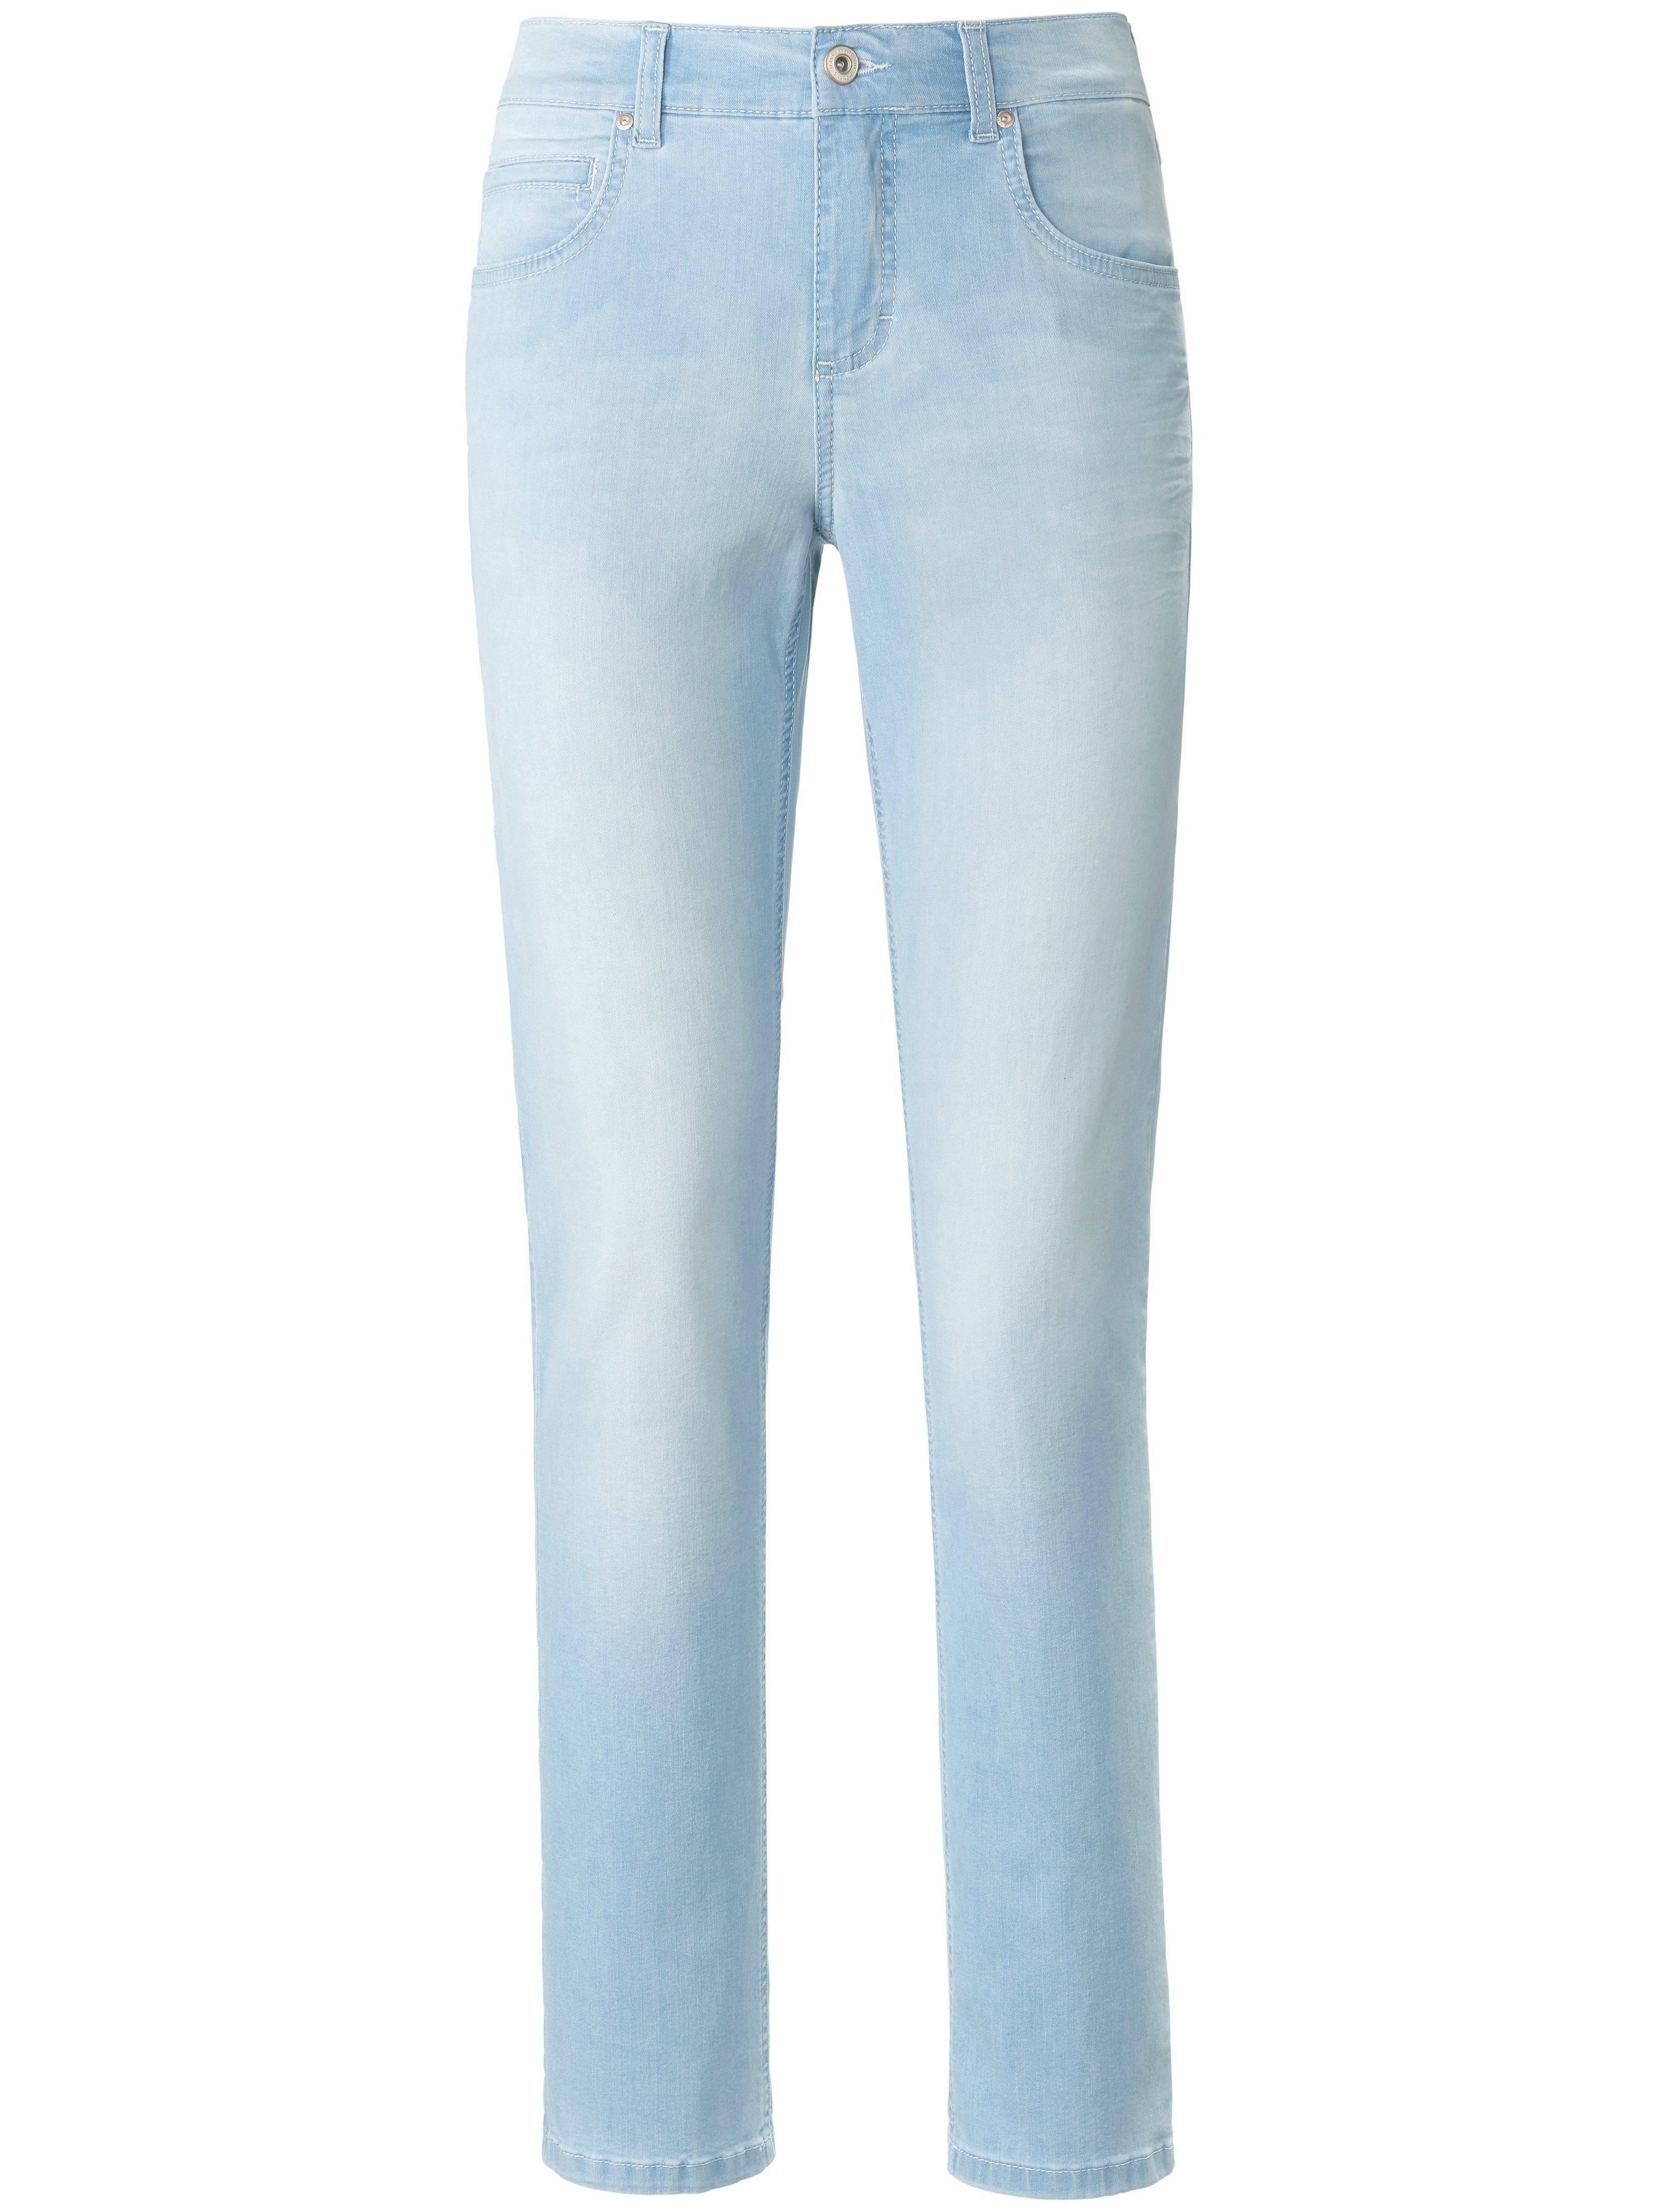 Regular fit jeans design Cici ANGELS denim